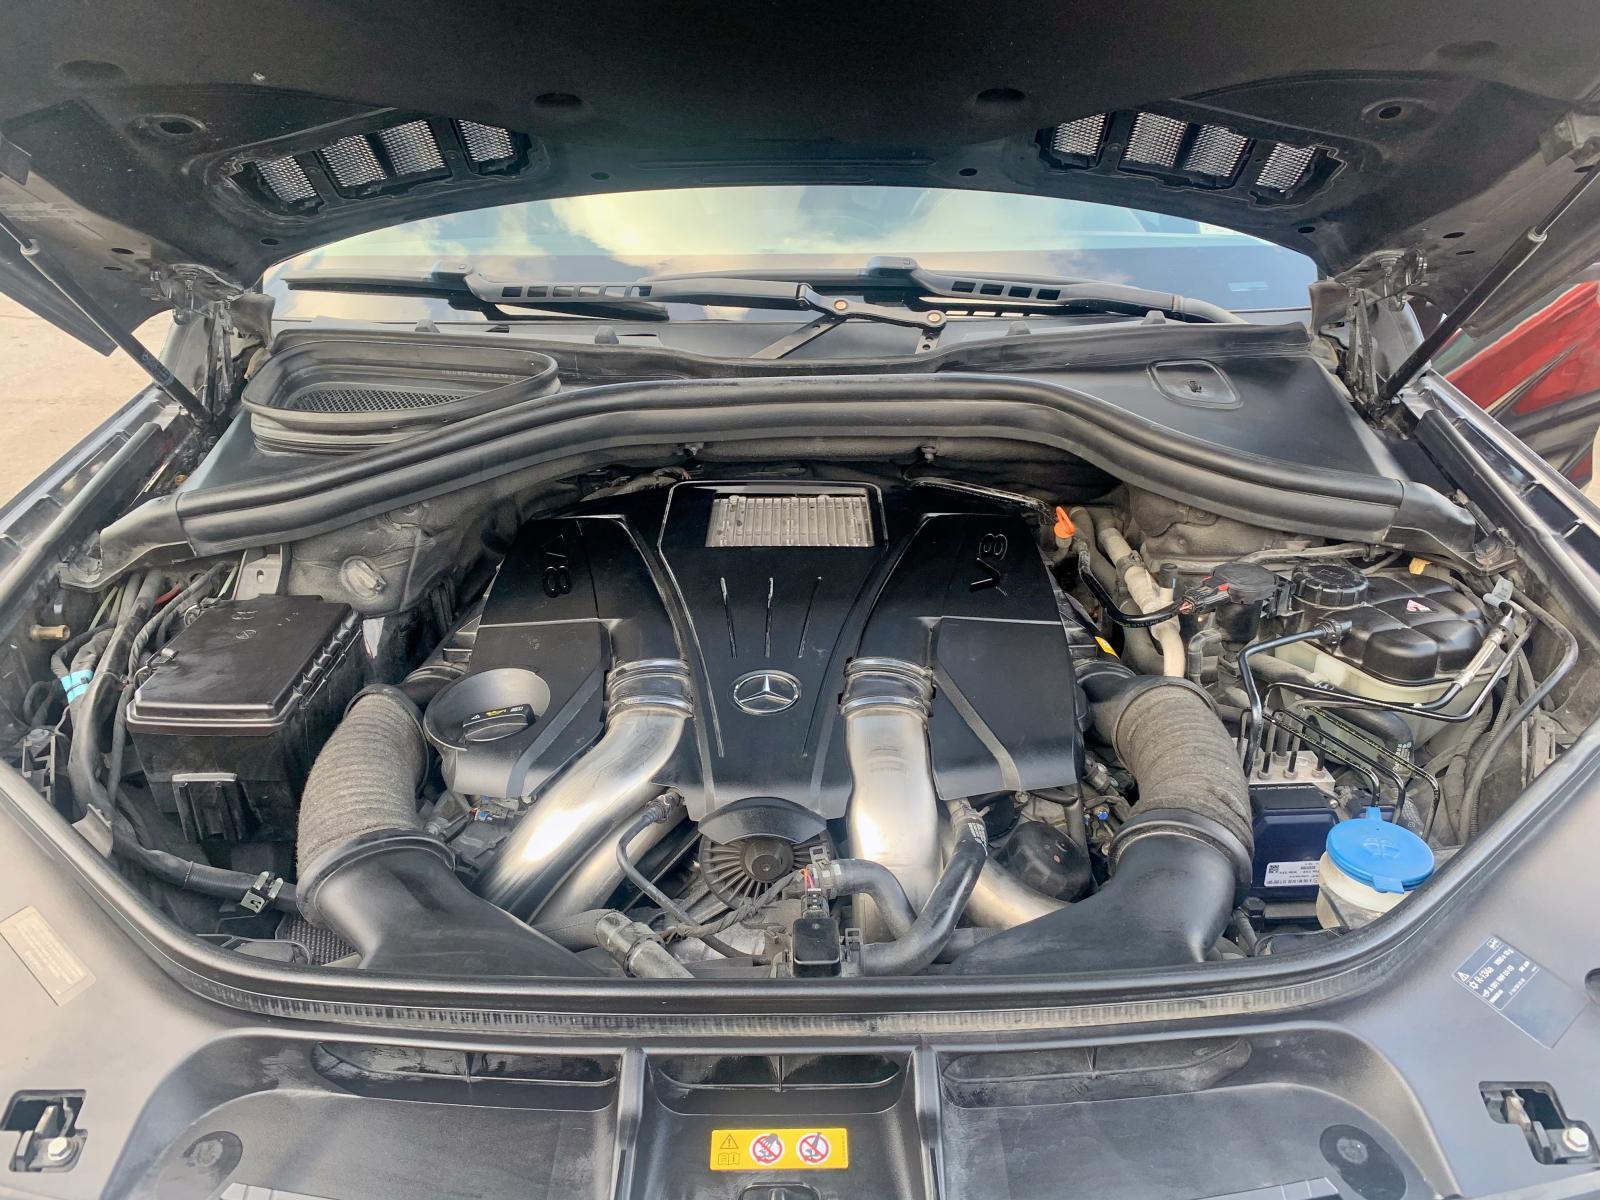 4JGDF7CE2DA152051 - 2013 Mercedes-Benz Gl 450 4Ma 4.6L front view